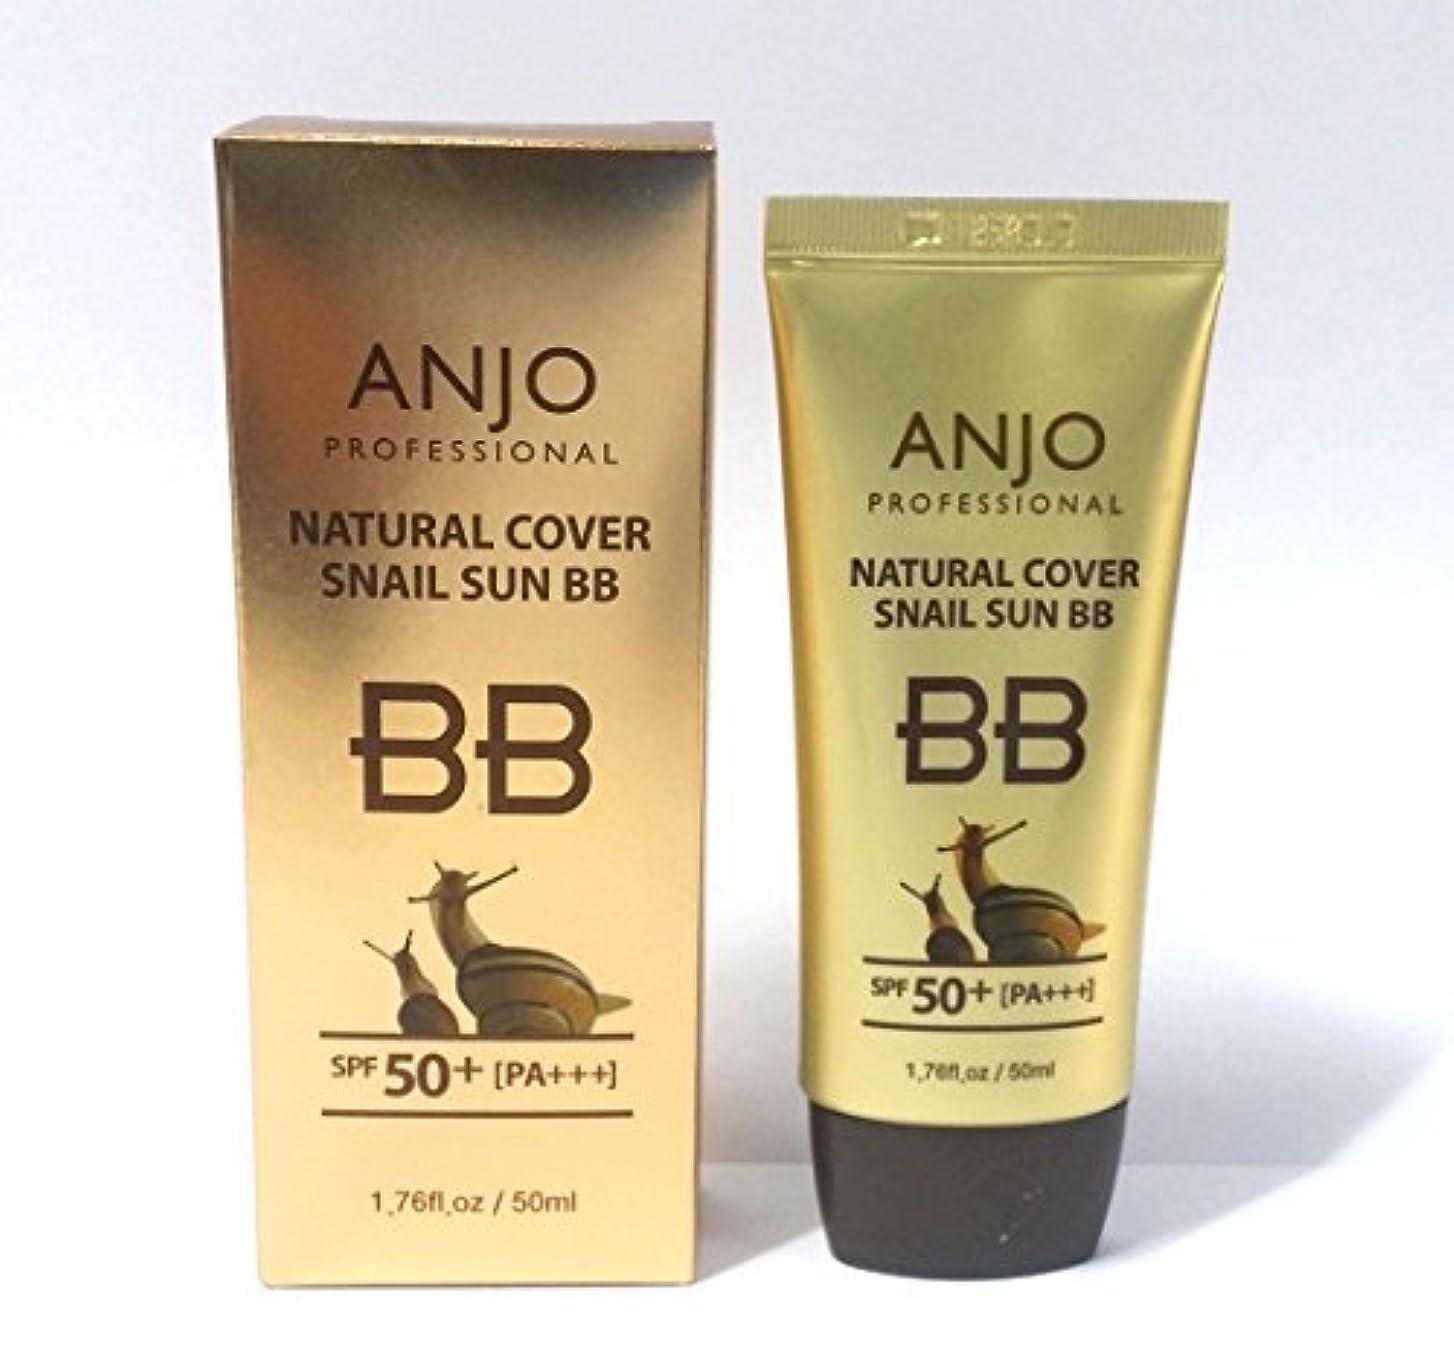 あなたはバリケードページェント[ANJO] ナチュラルカバーカタツムリサンBBクリームSPF 50 + PA +++ 50ml X 6EA /メイクアップベース/カタツムリ粘液 / Natural Cover Snail Sun BB Cream SPF...